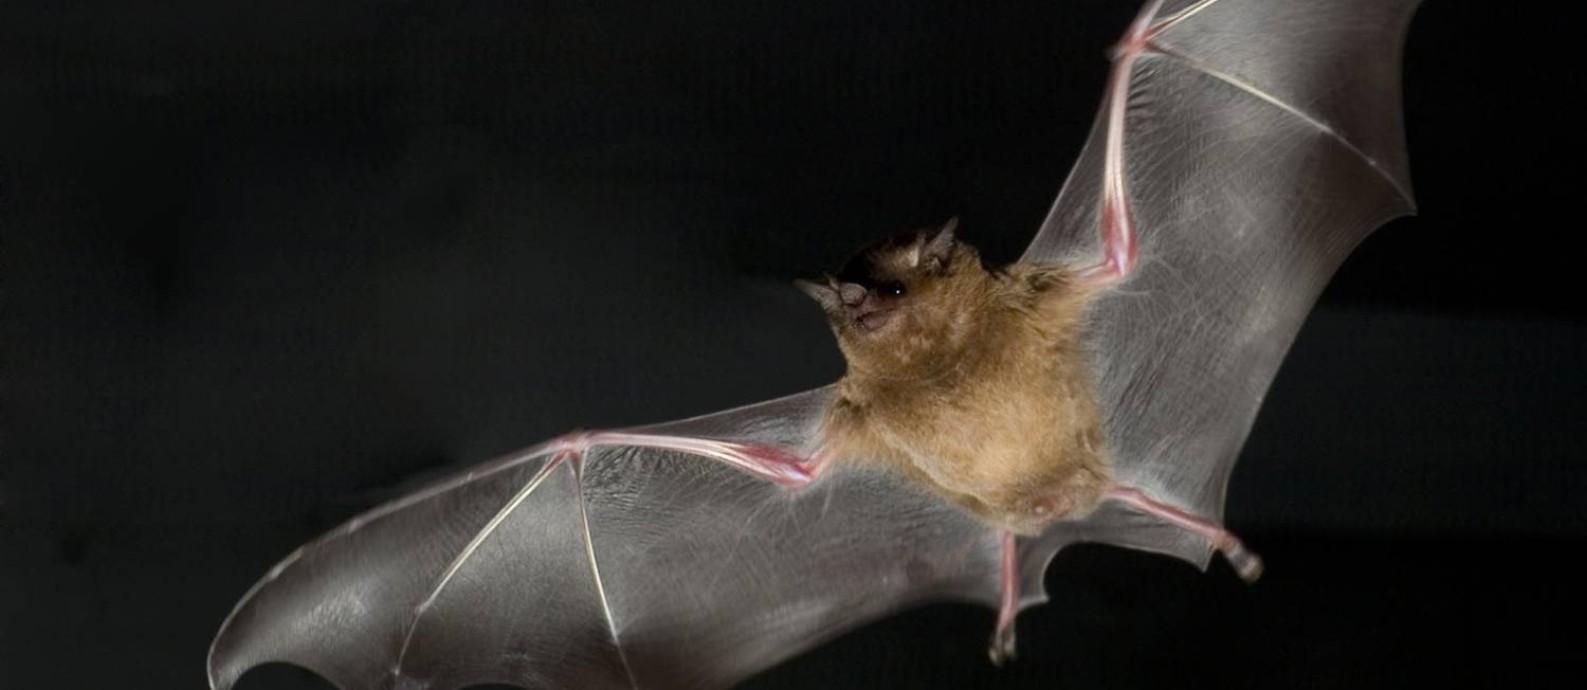 Estimativa indica que, em média, cada espécie de morcego carrega 17,22 vírus zoonóticos desconhecidos Foto: F.T. Mujires / AFP